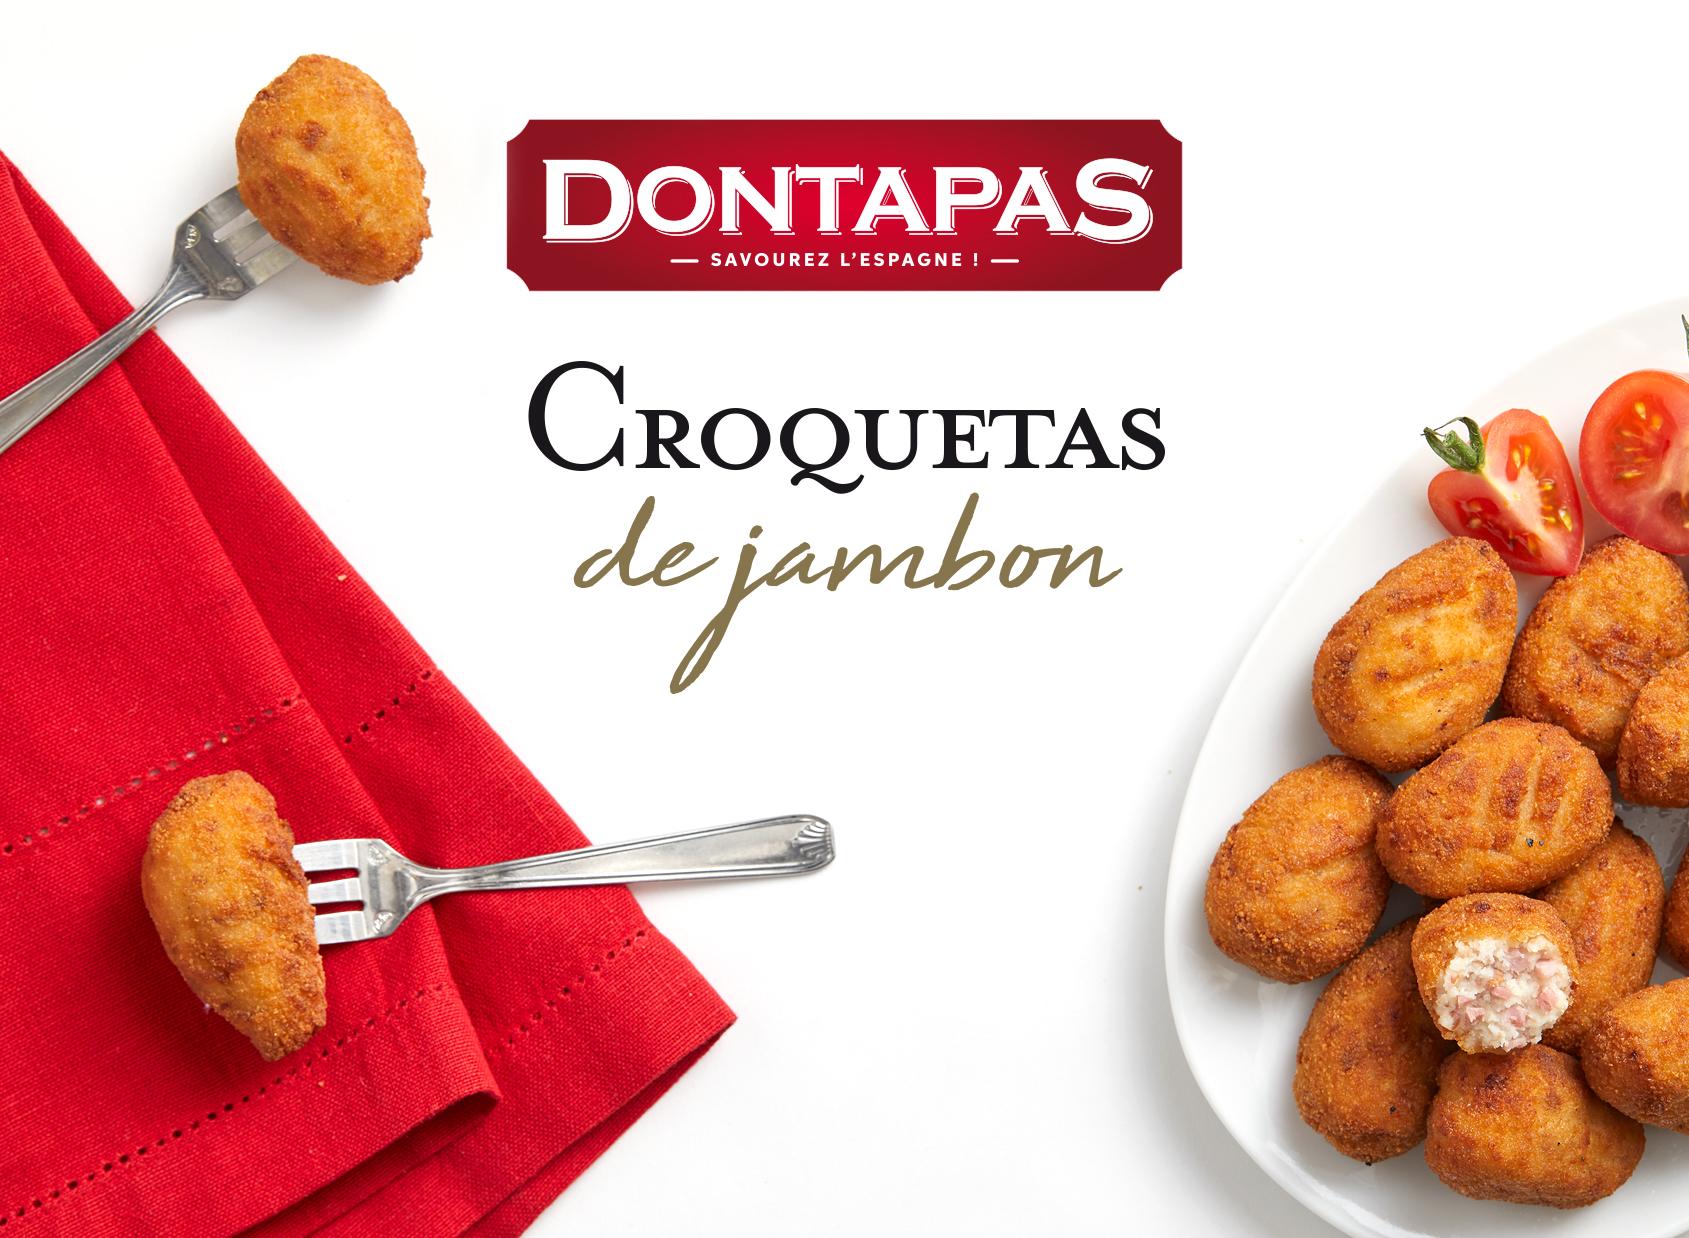 Dontapas